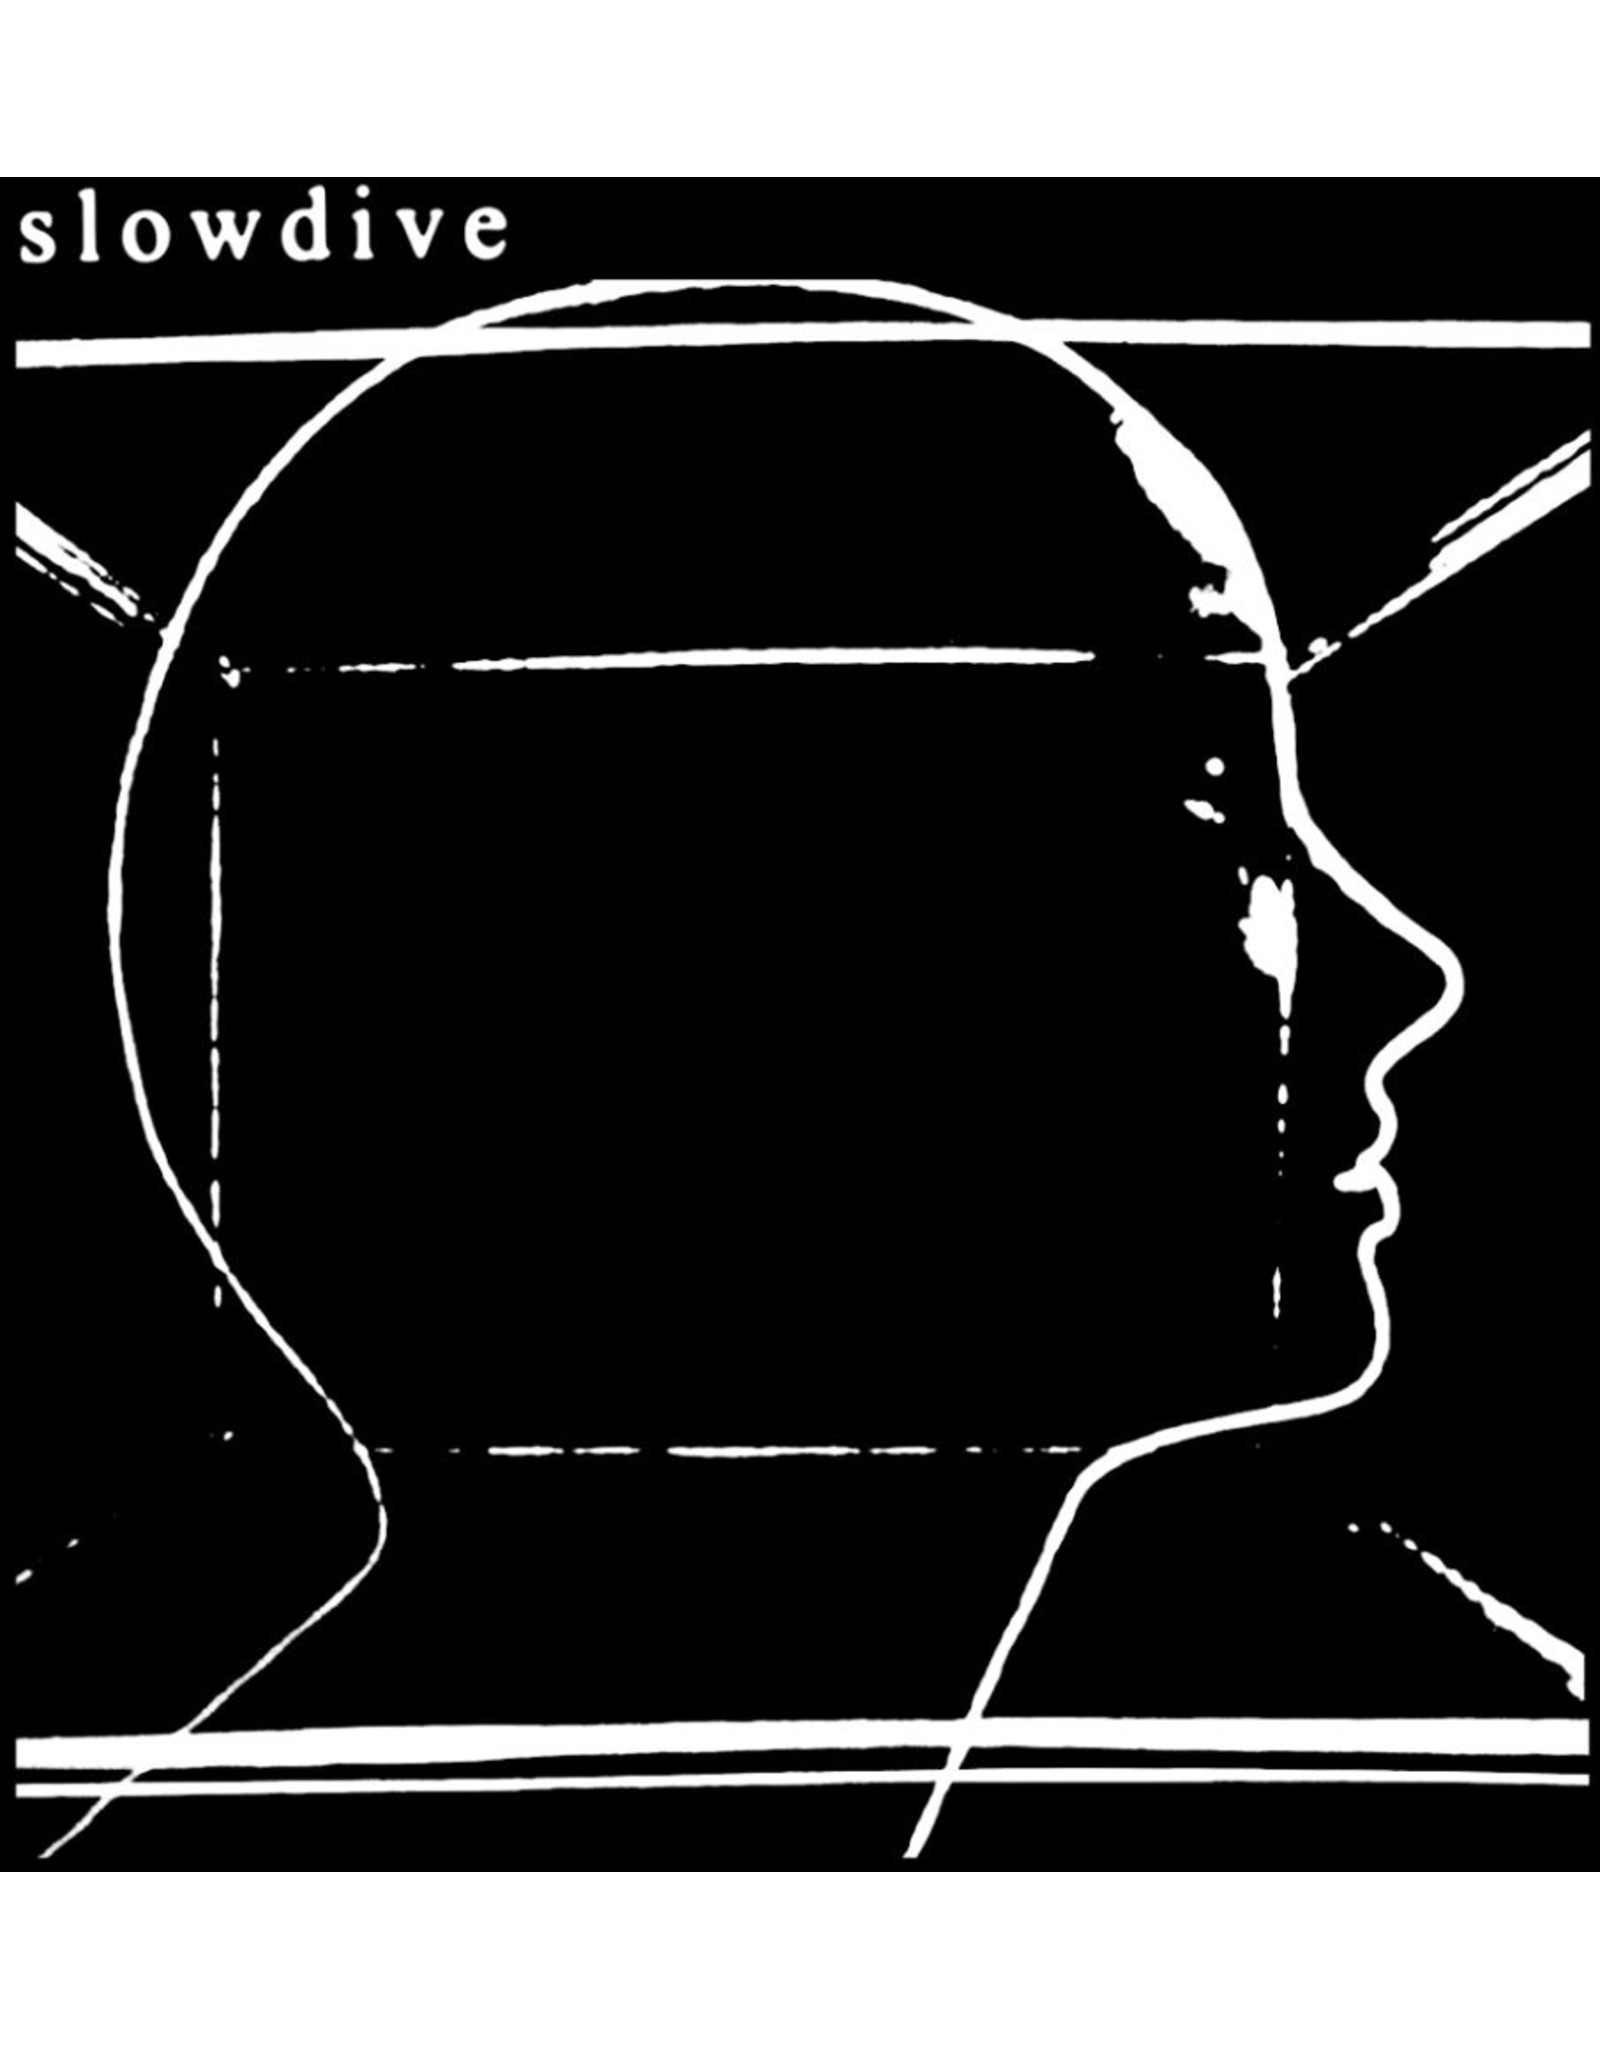 New Vinyl Slowdive - Slowdive LP